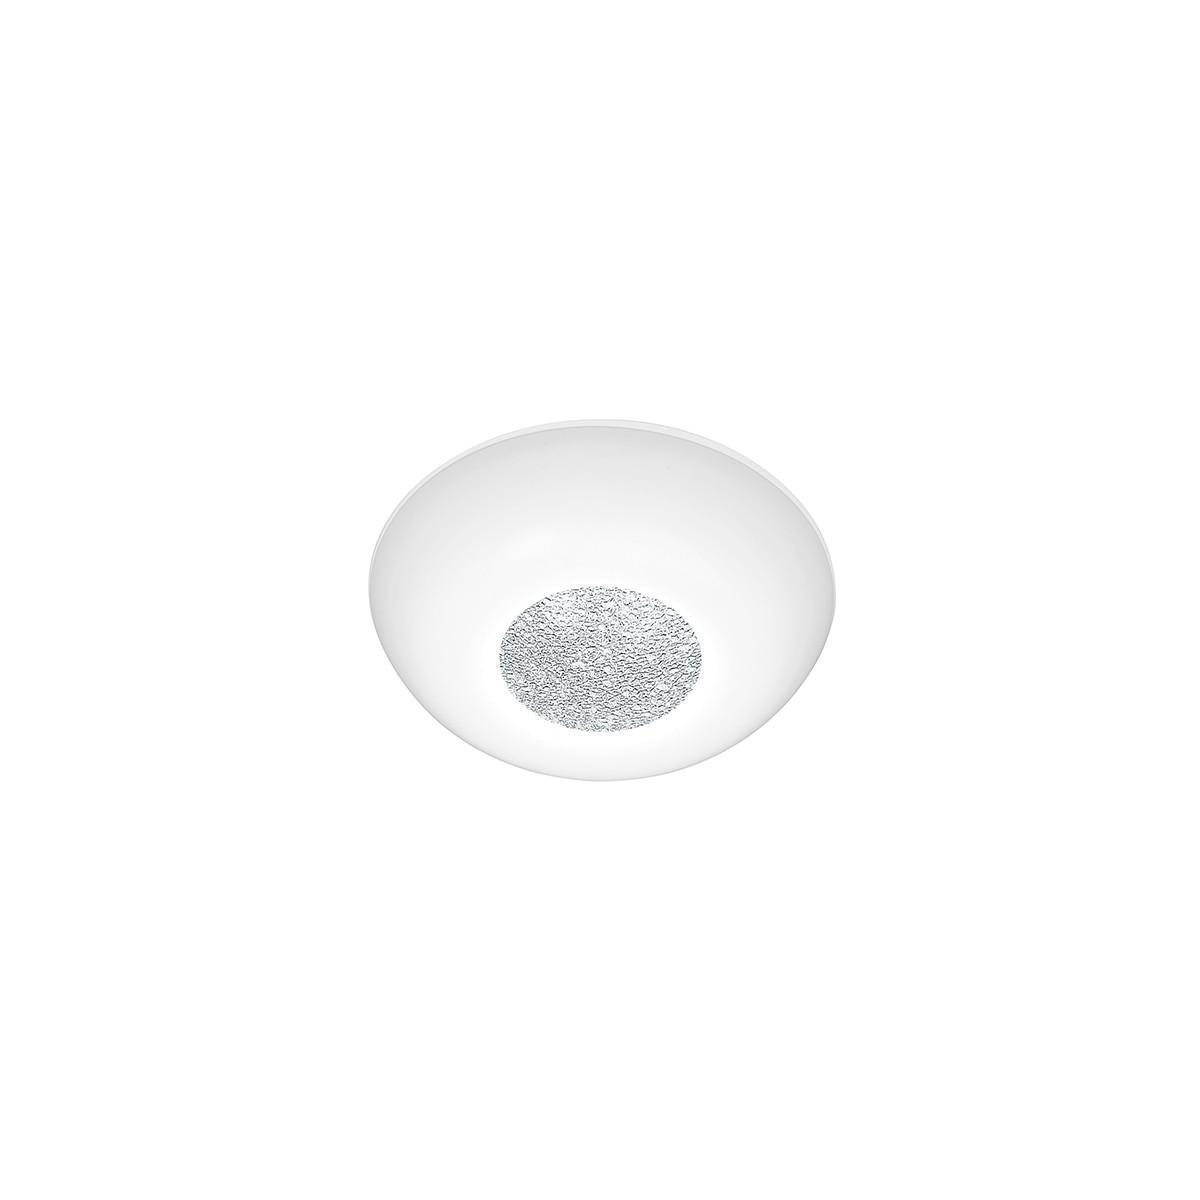 Bankamp Mars Deckenleuchte, Ø: 26 cm, Glas opalweiß